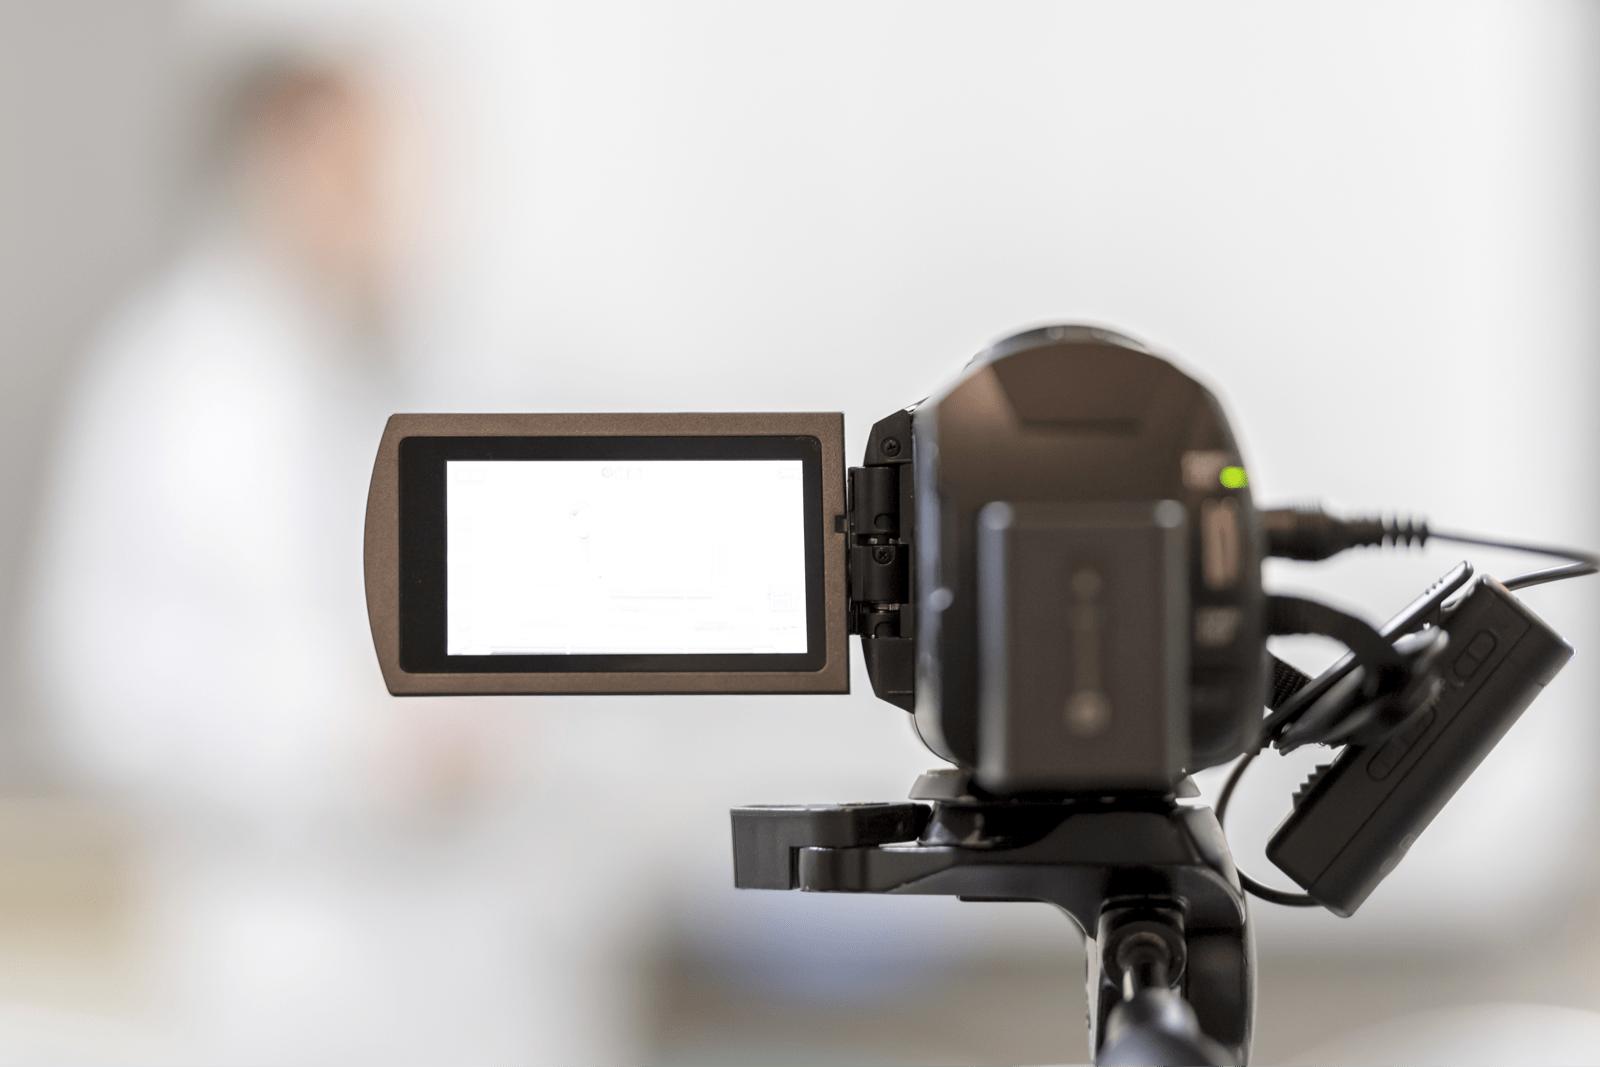 ビデオカメラで動画を撮影